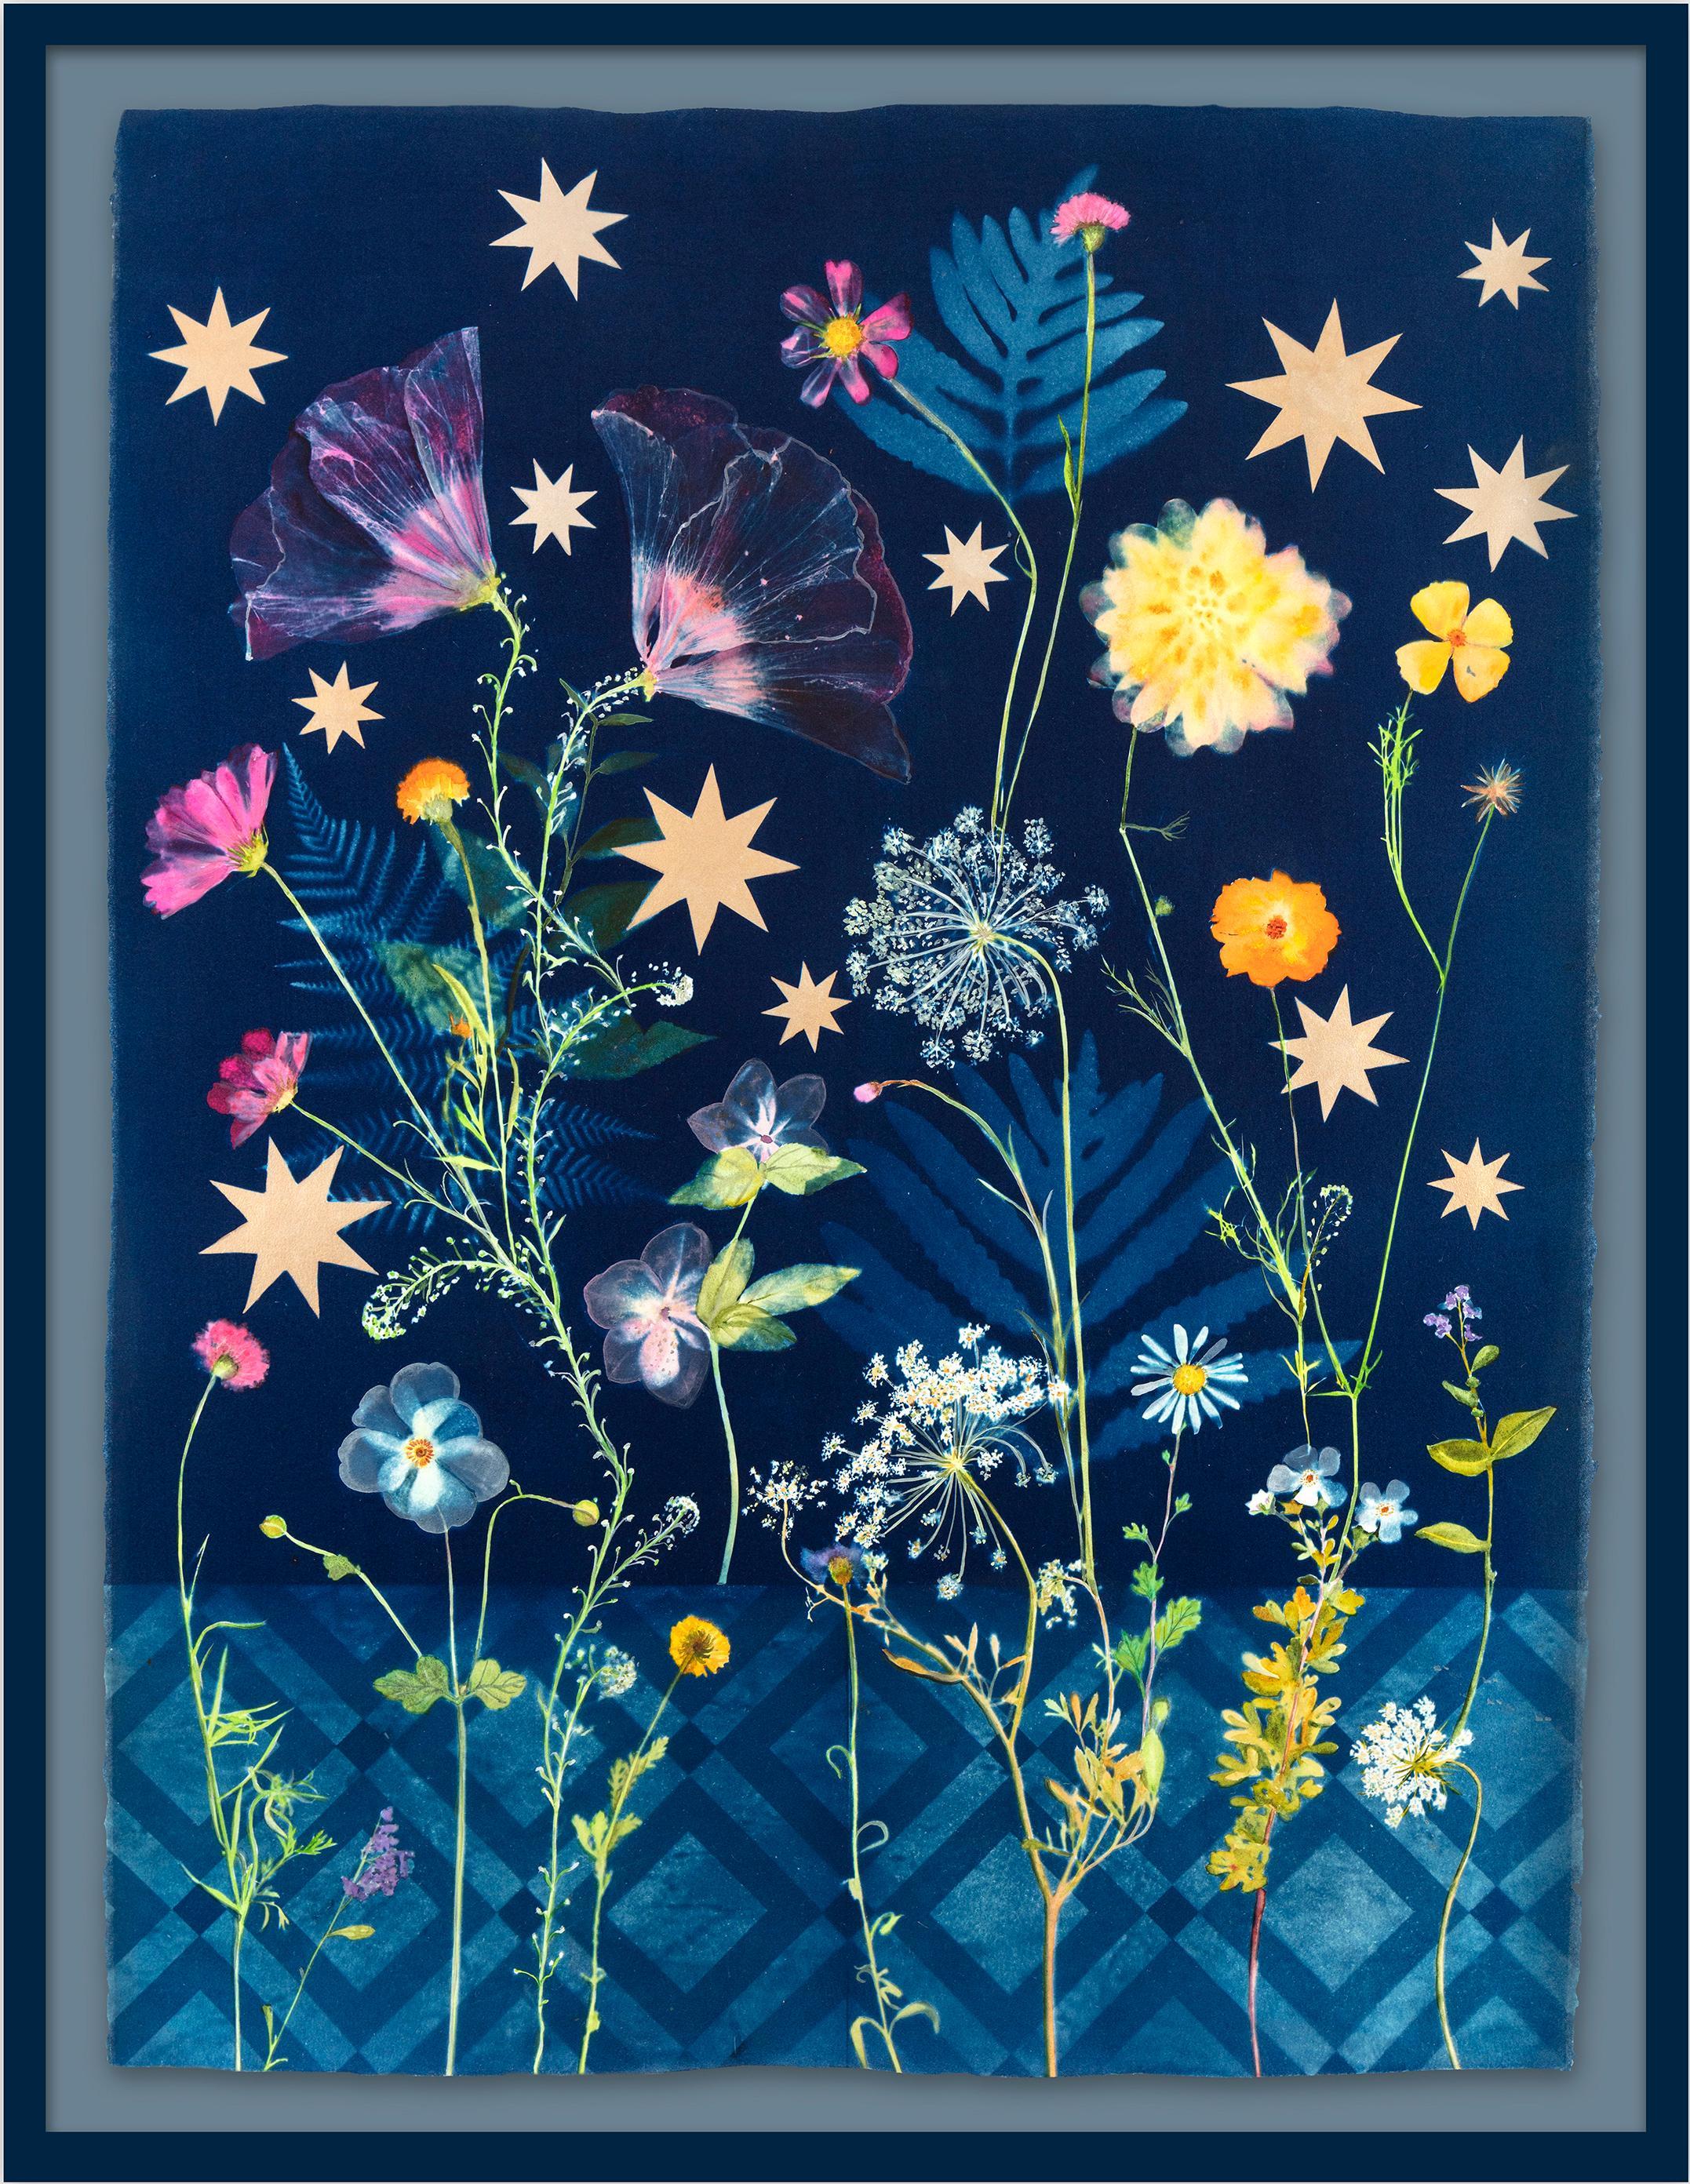 Botanical Stars (Still Life Figurative Painting of Flowers on Indigo Blue)